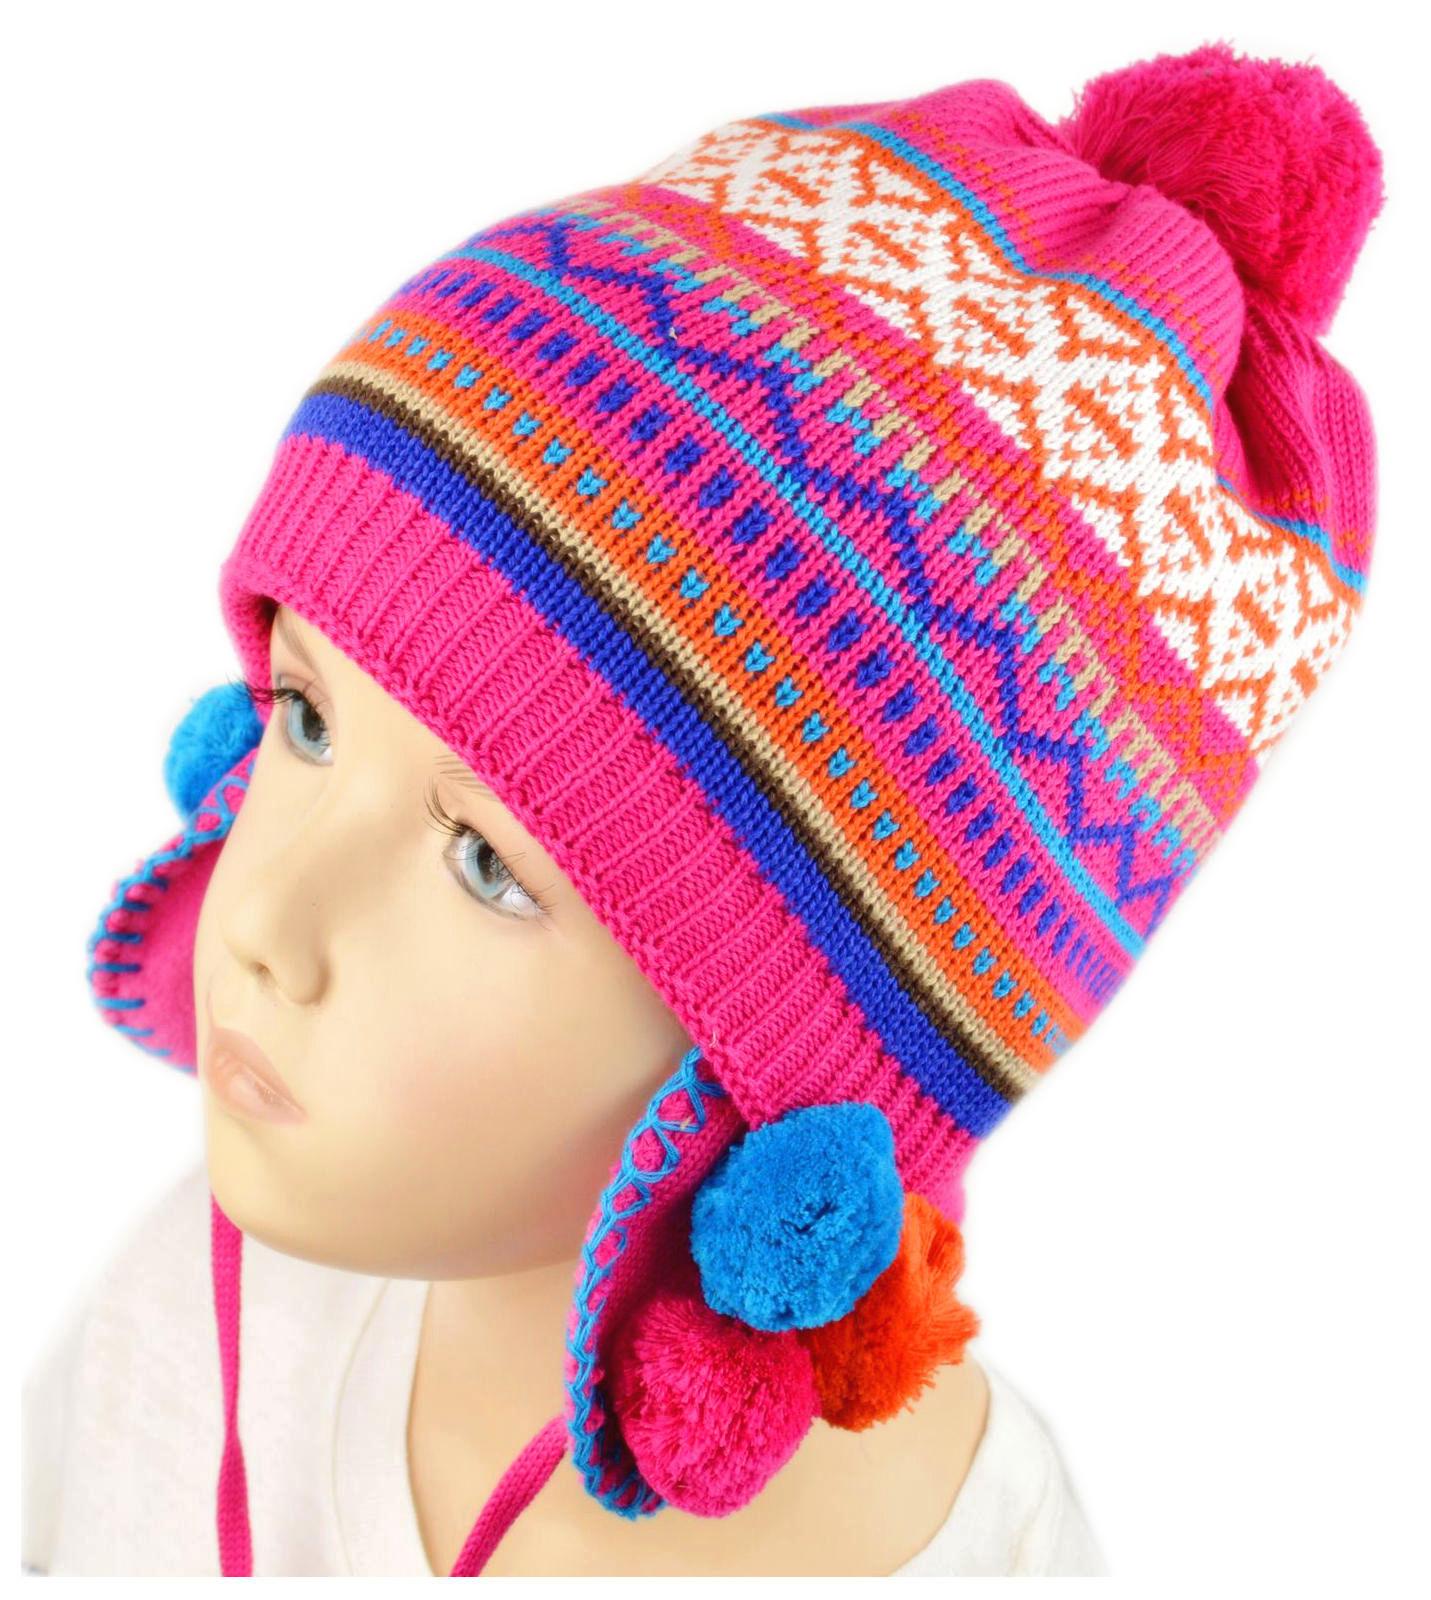 exklusive Schuhe neueste Kollektion laest technology MaxiMo   Inka-Mütze mit pinkfarbenem Mustermix für Mädchen